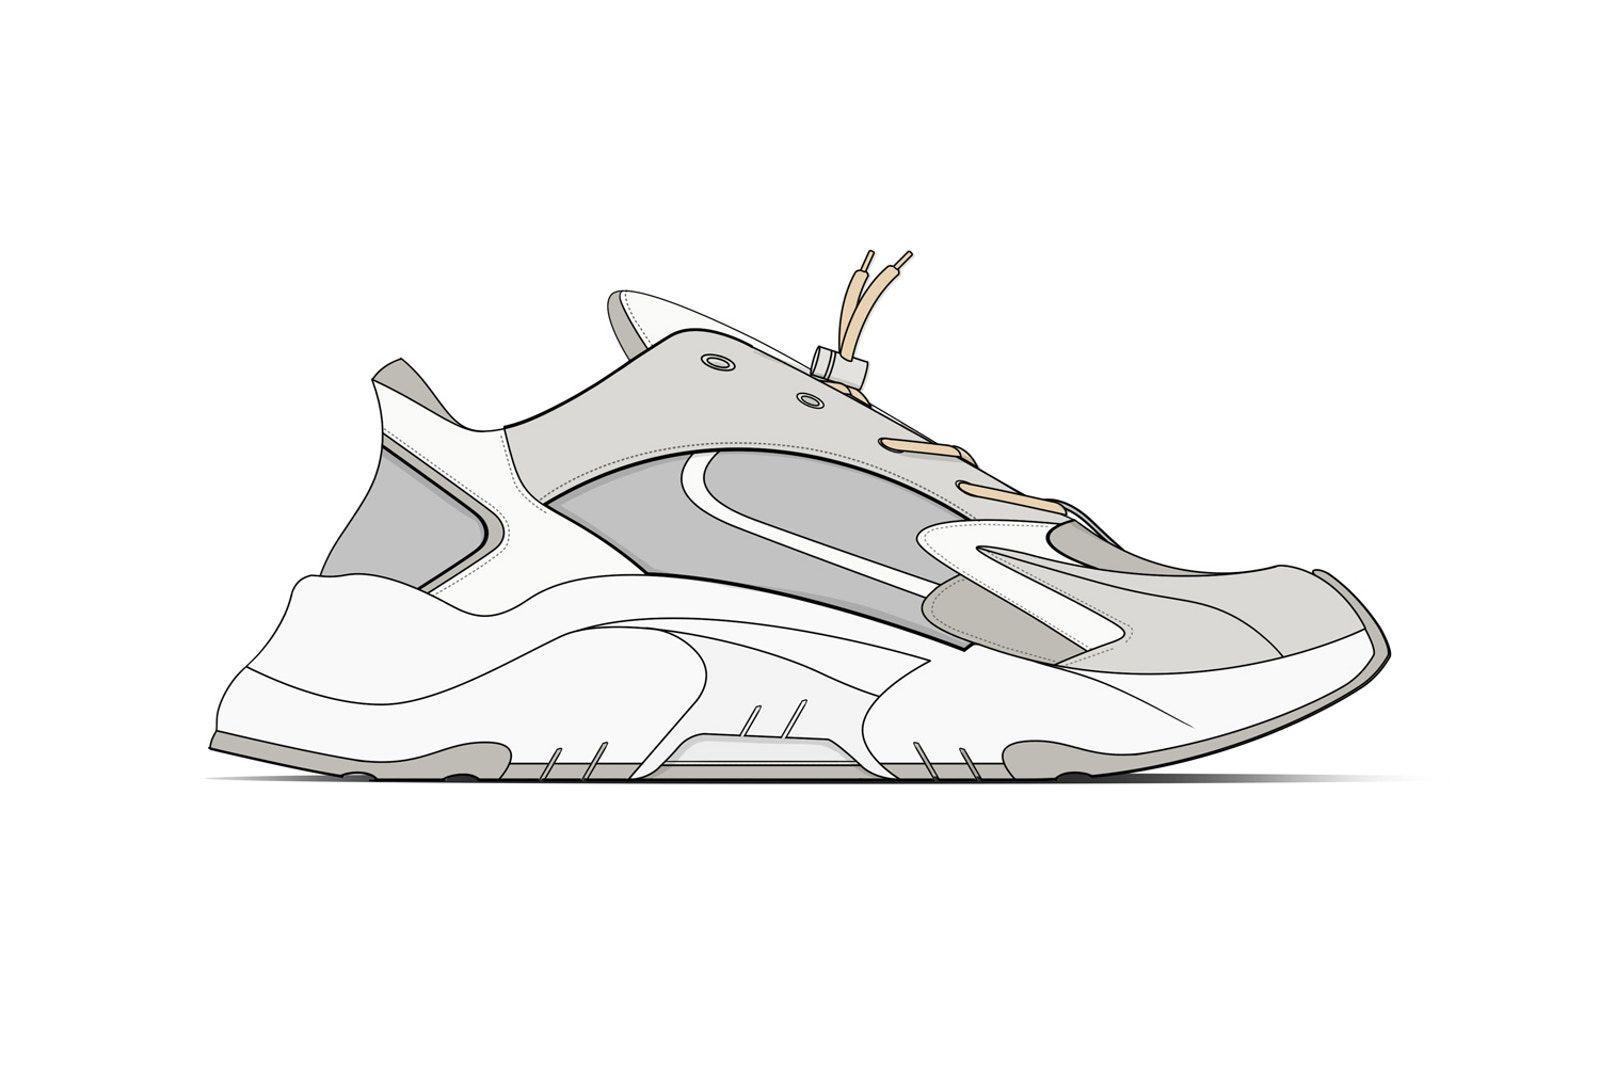 Pin De Henna Bernier En Arts En 2020 Disenos De Zapatos Diseno